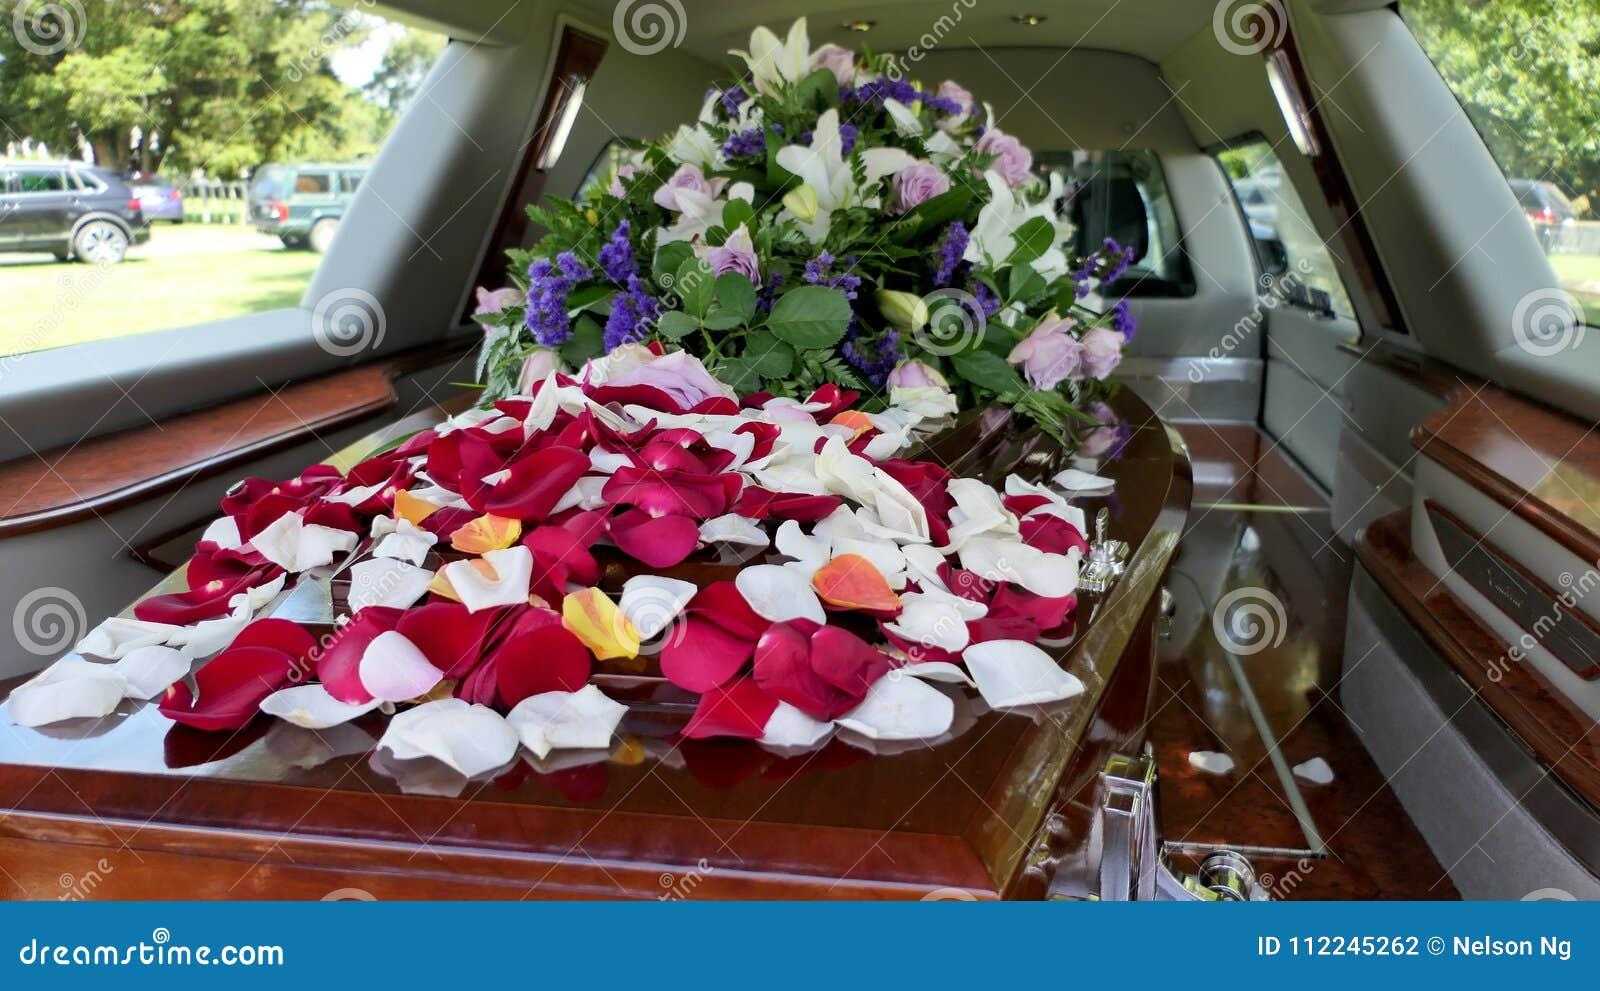 Πυροβοληθείς μιας ζωηρόχρωμης κασετίνας hearse ή ένα παρεκκλησι πριν από την κηδεία ή του ενταφιασμού στο νεκροταφείο